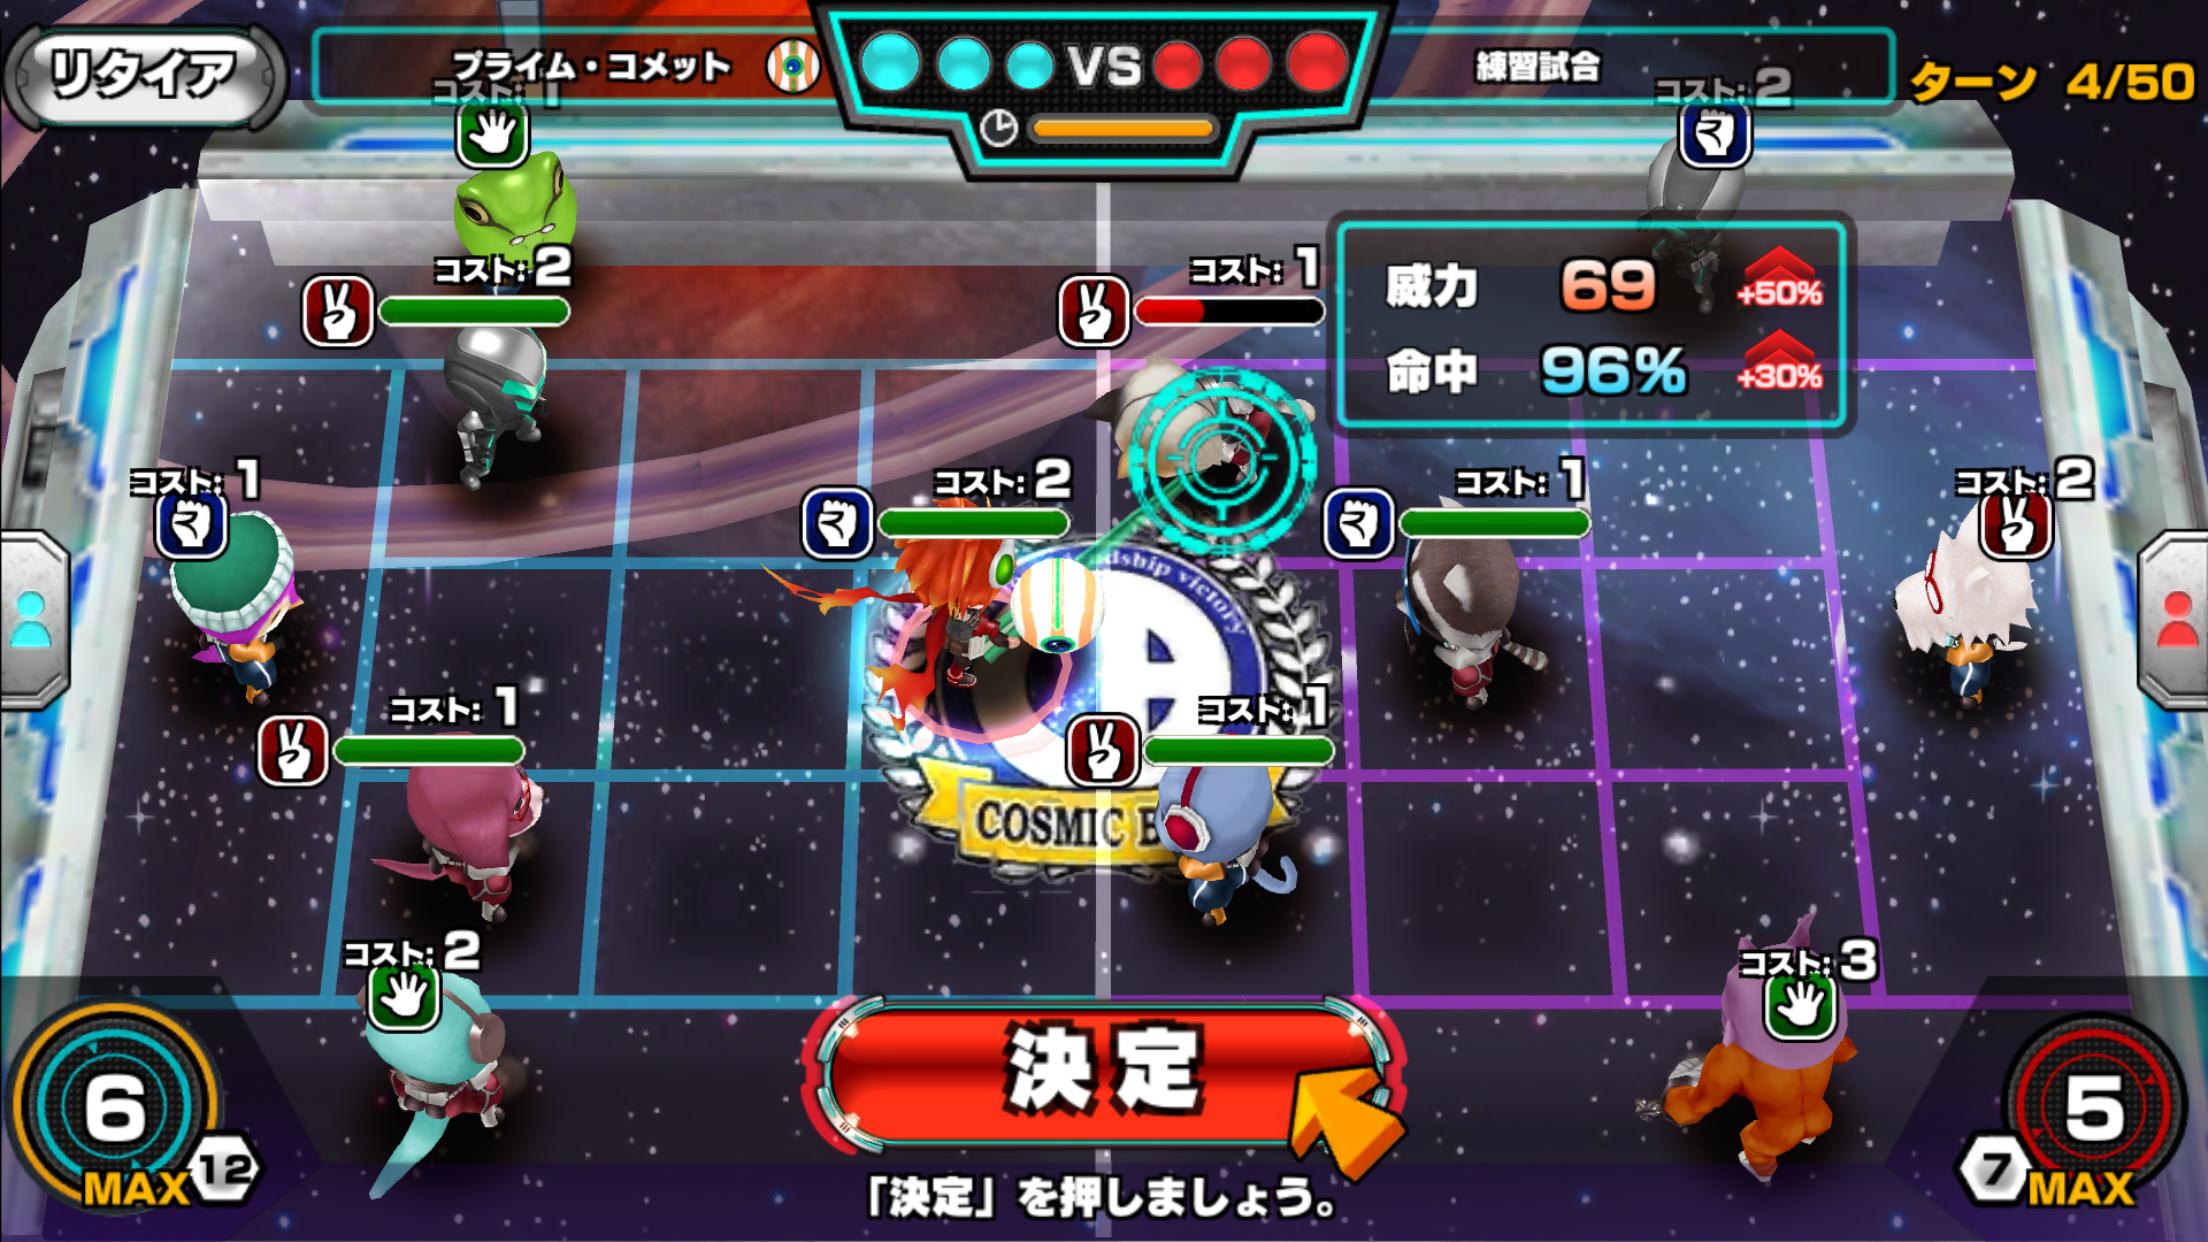 超銀河秘球 コズミックボール androidアプリスクリーンショット1